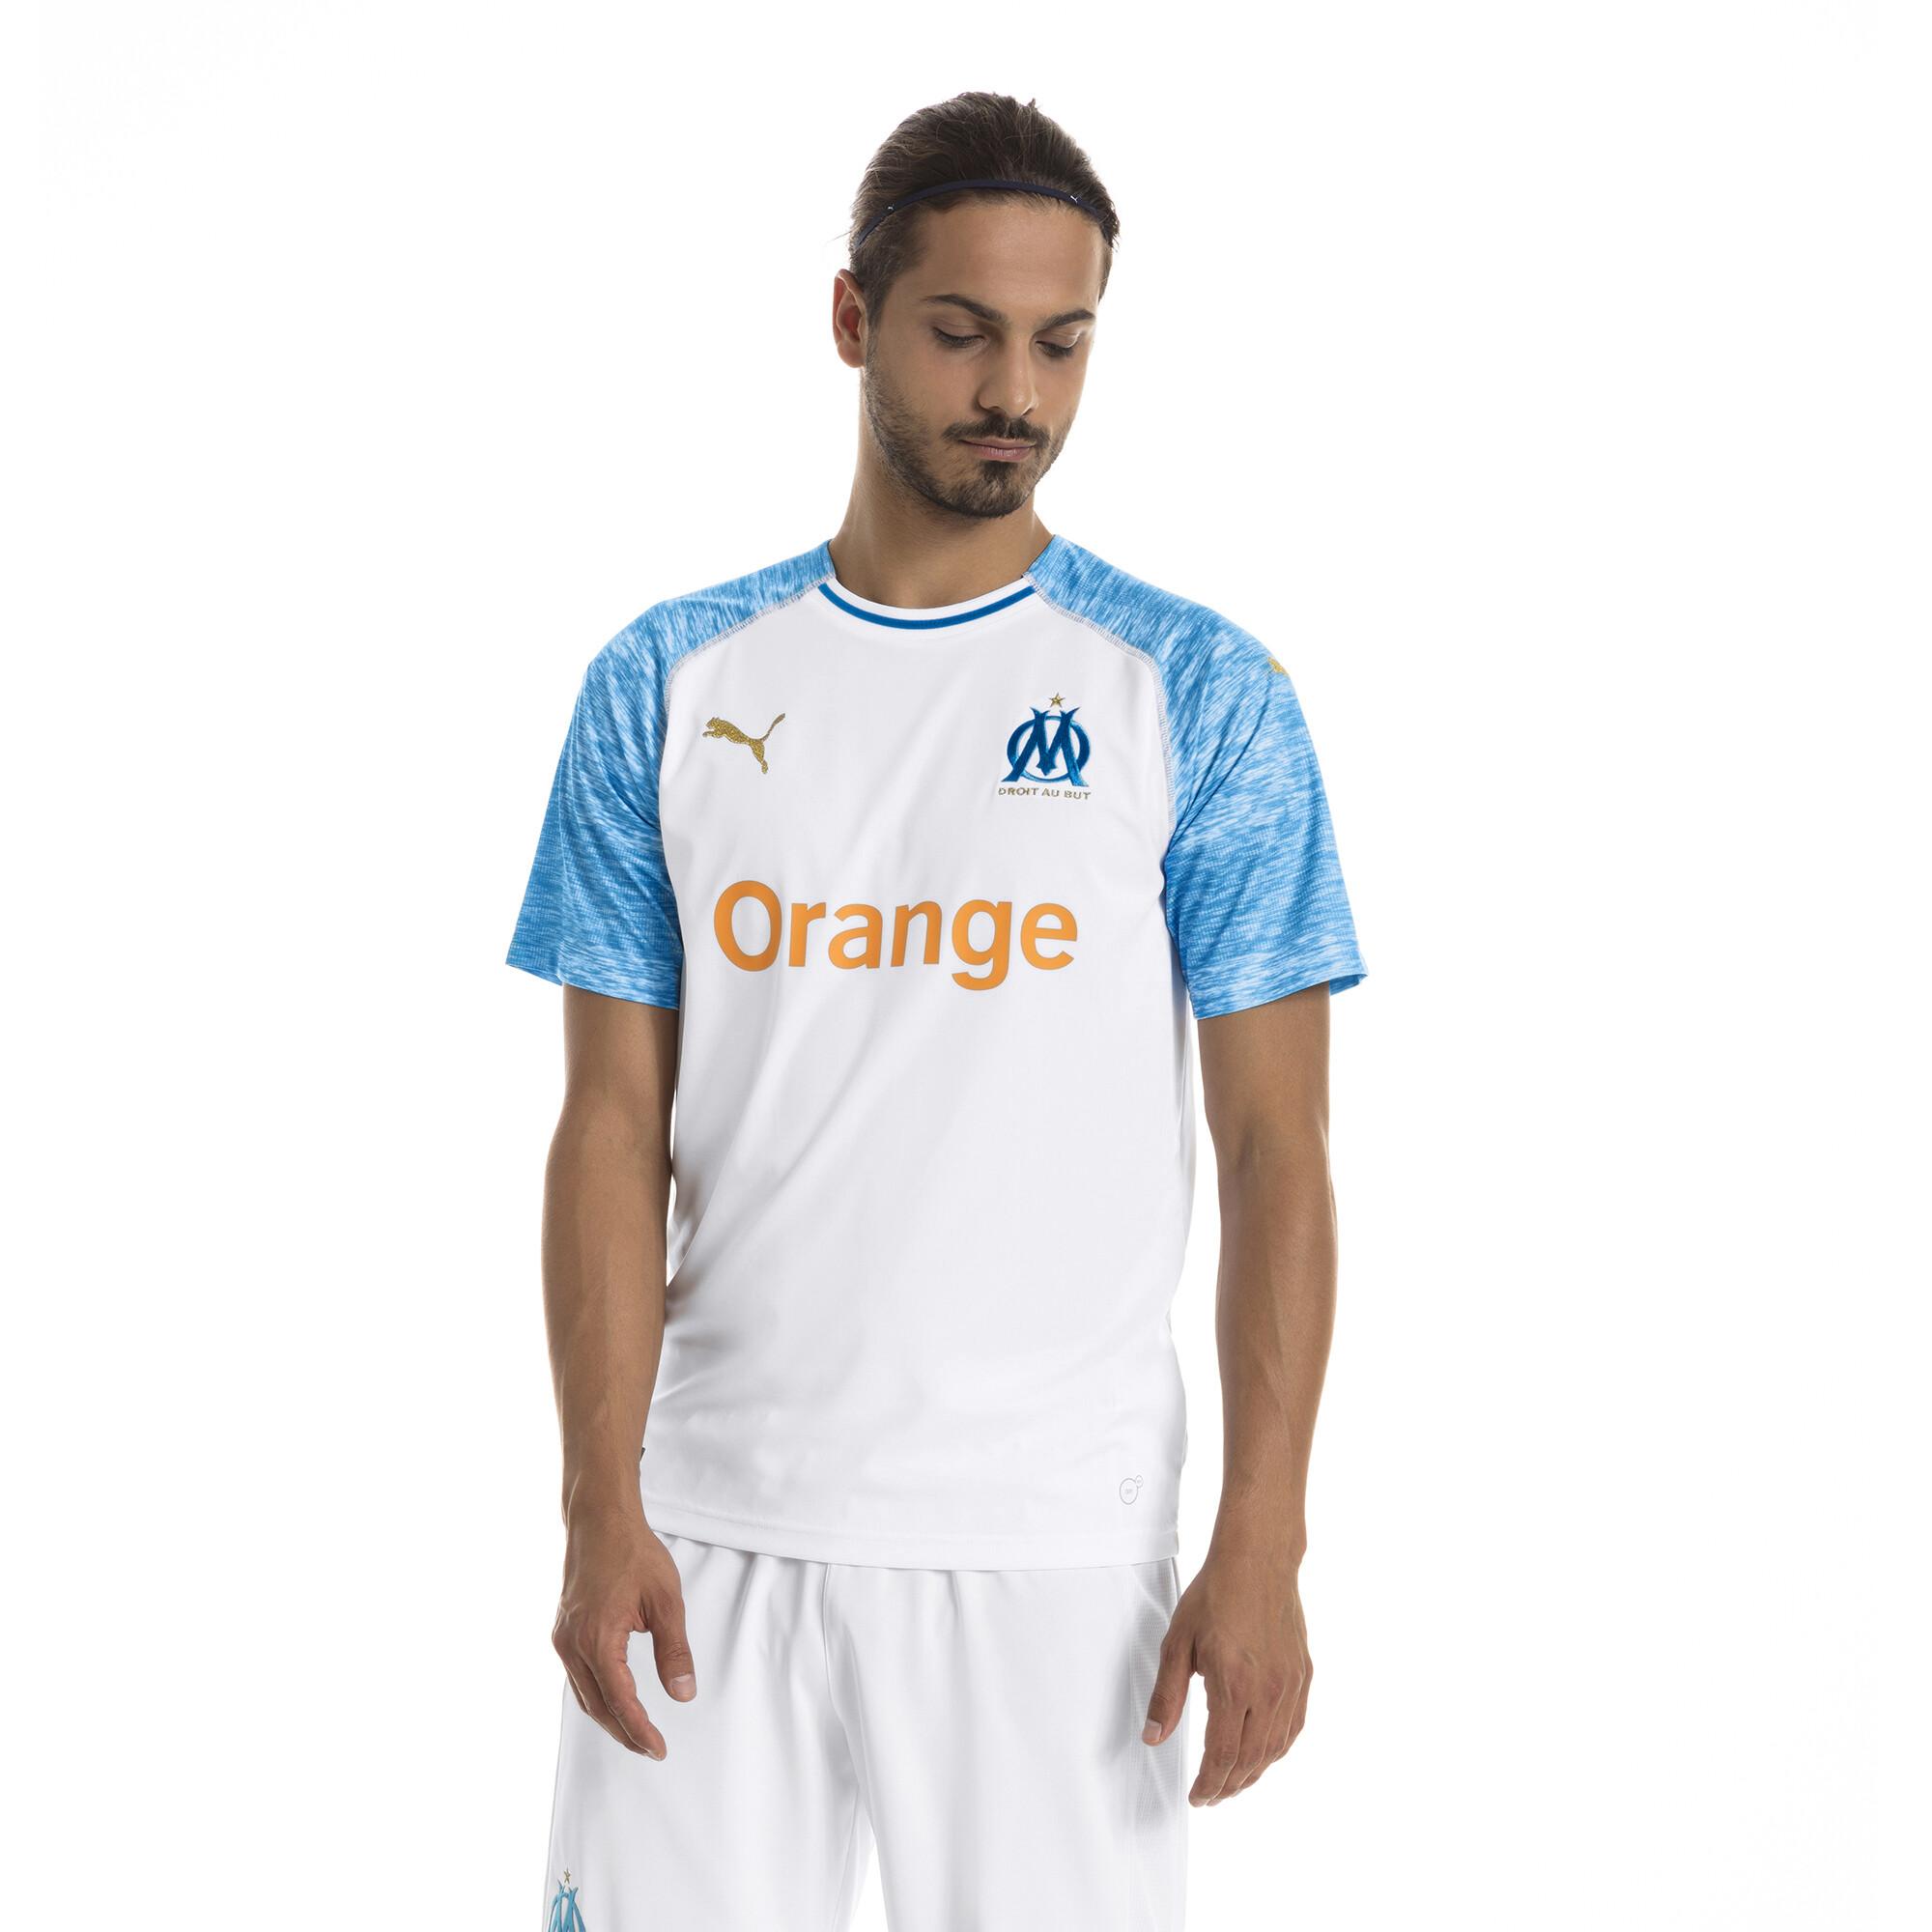 Indexbild 10 - PUMA Olympique de Marseille Herren Replica Heimtrikot Männer Fußballtrikot Neu